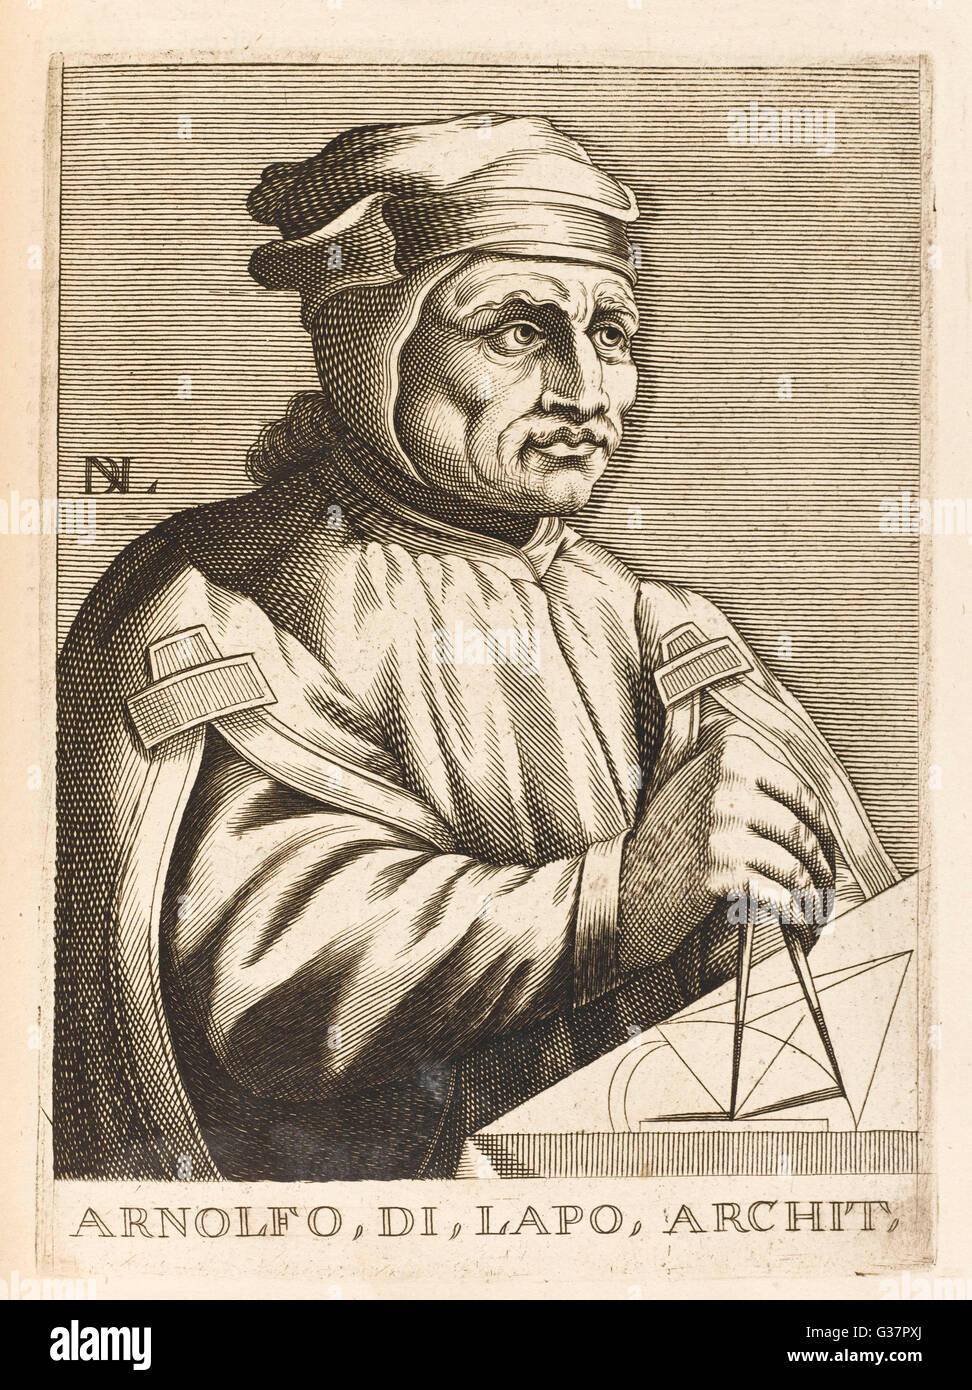 ARNOLFO DI CAMBIO  Italian sculptor and  architect; also known as Arnolfo di Lapo and Arnolfo di Colle     Date: - Stock Image